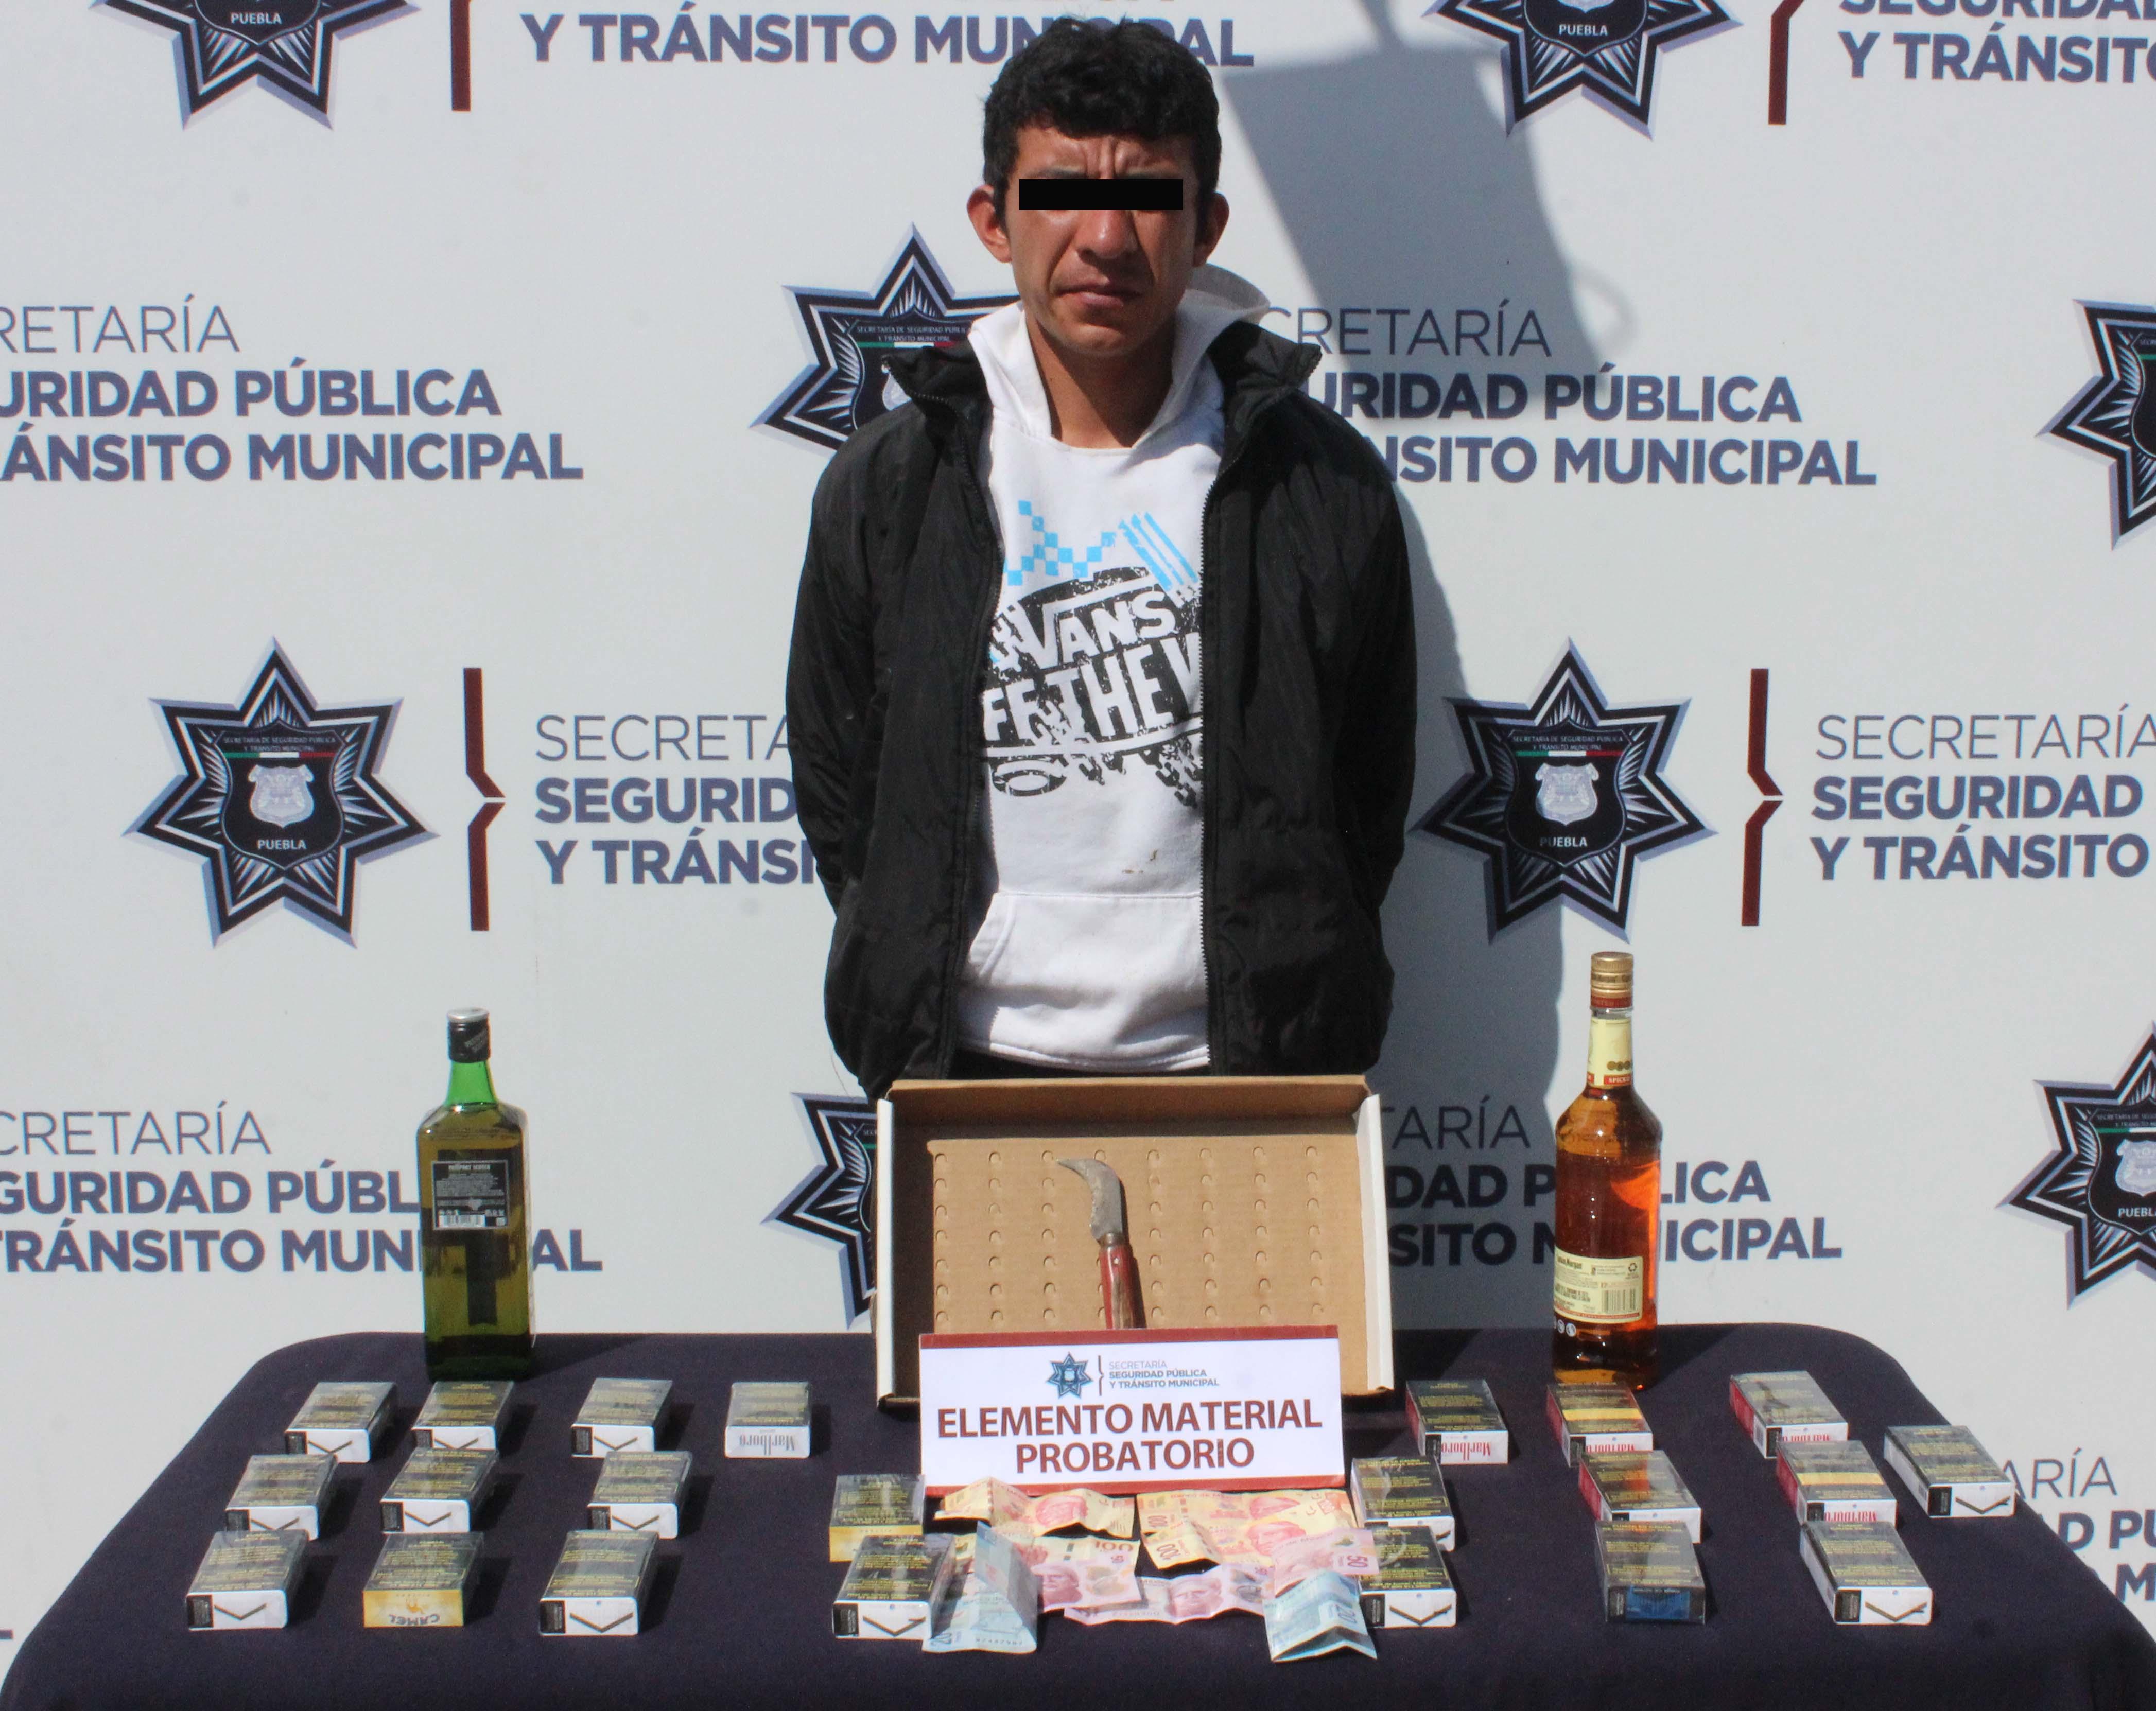 Cae El Pinocho, campeón de asaltos a tiendas Oxxo en Puebla